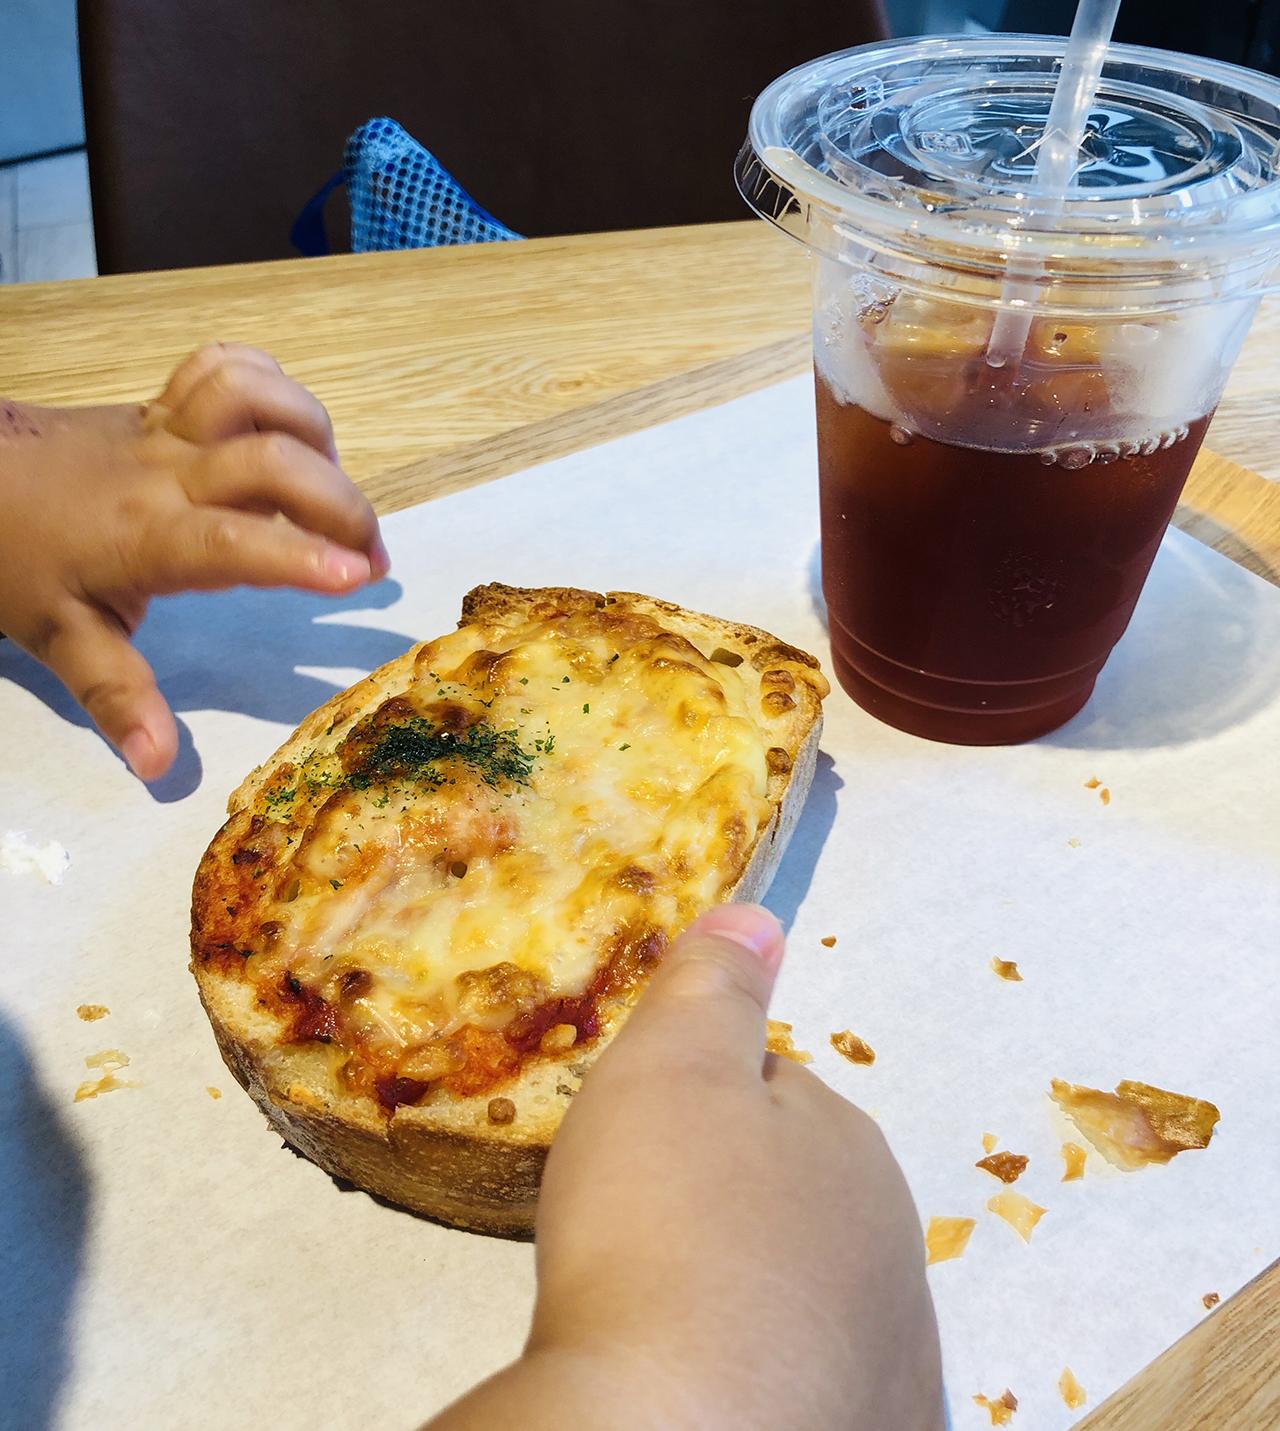 トマトチーズパンのアップ写真